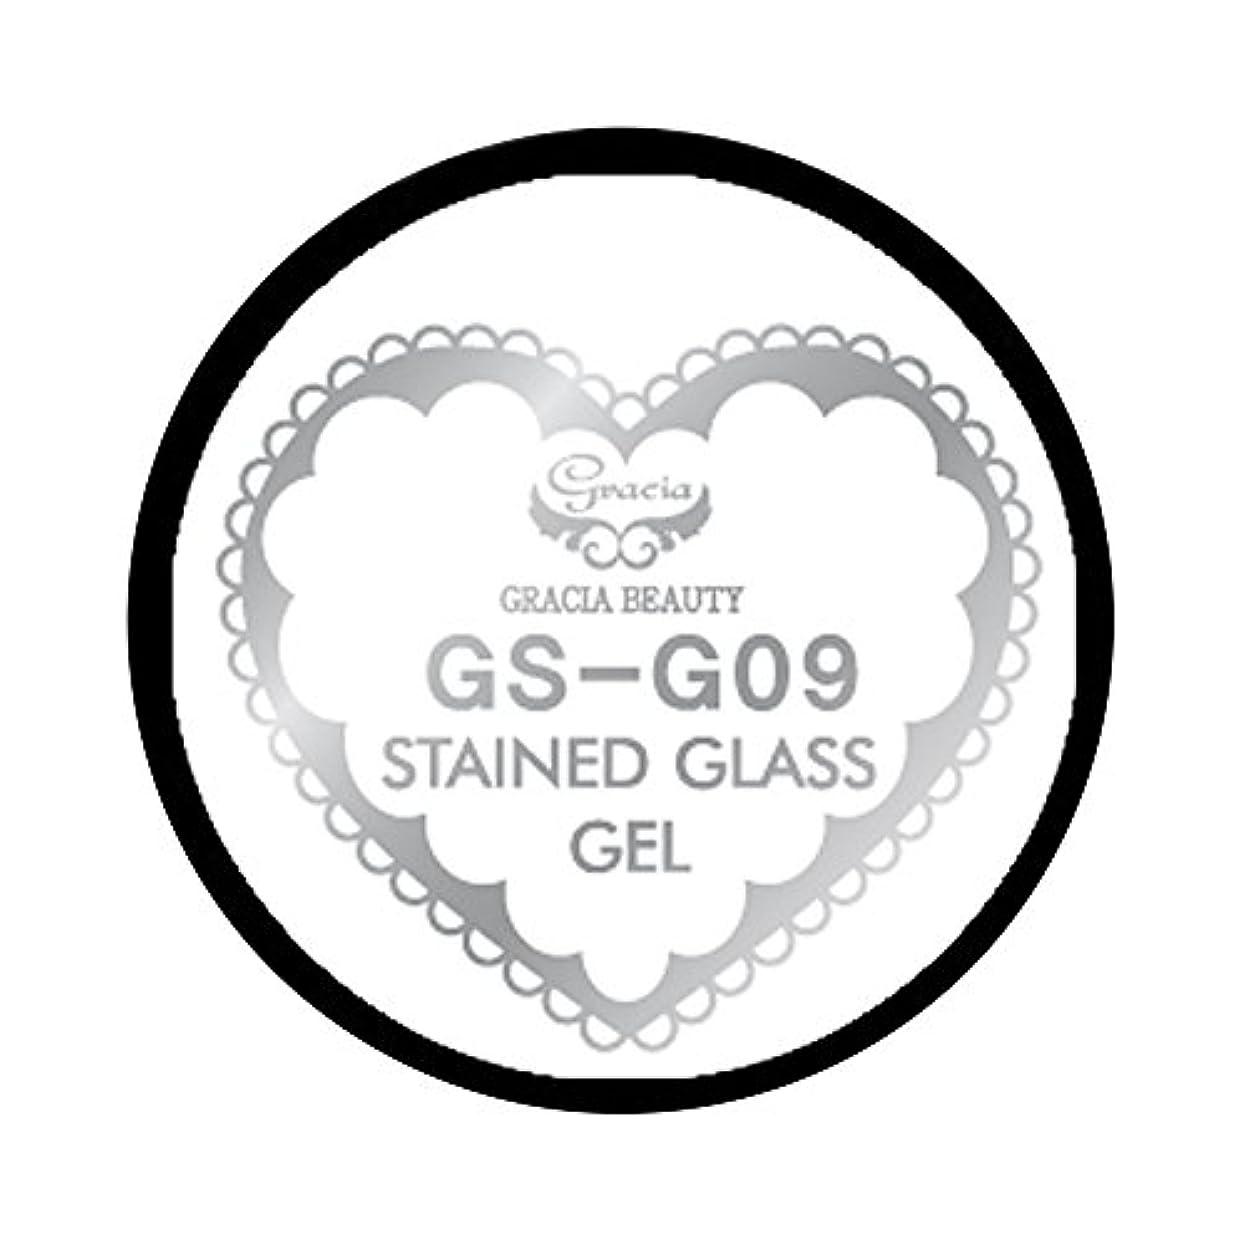 膿瘍ブロッサムクルーズグラシア ジェルネイル ステンドグラスジェル GSM-G09 3g  グリッター UV/LED対応 カラージェル ソークオフジェル ガラスのような透明感